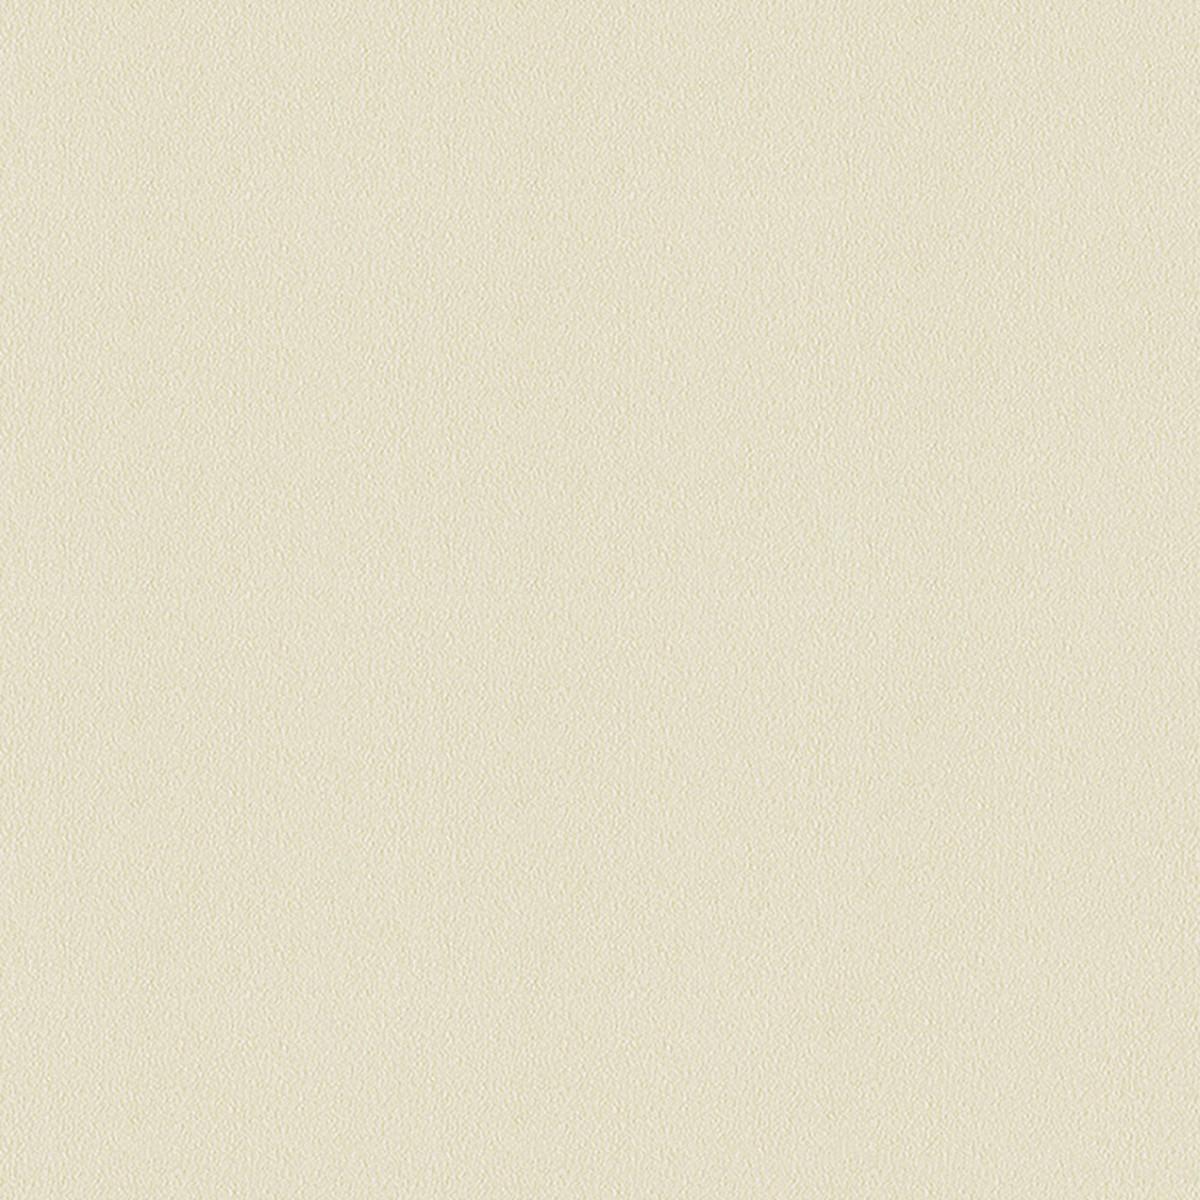 Обои виниловые Gaenari бежевые 1.06 м 87385-8